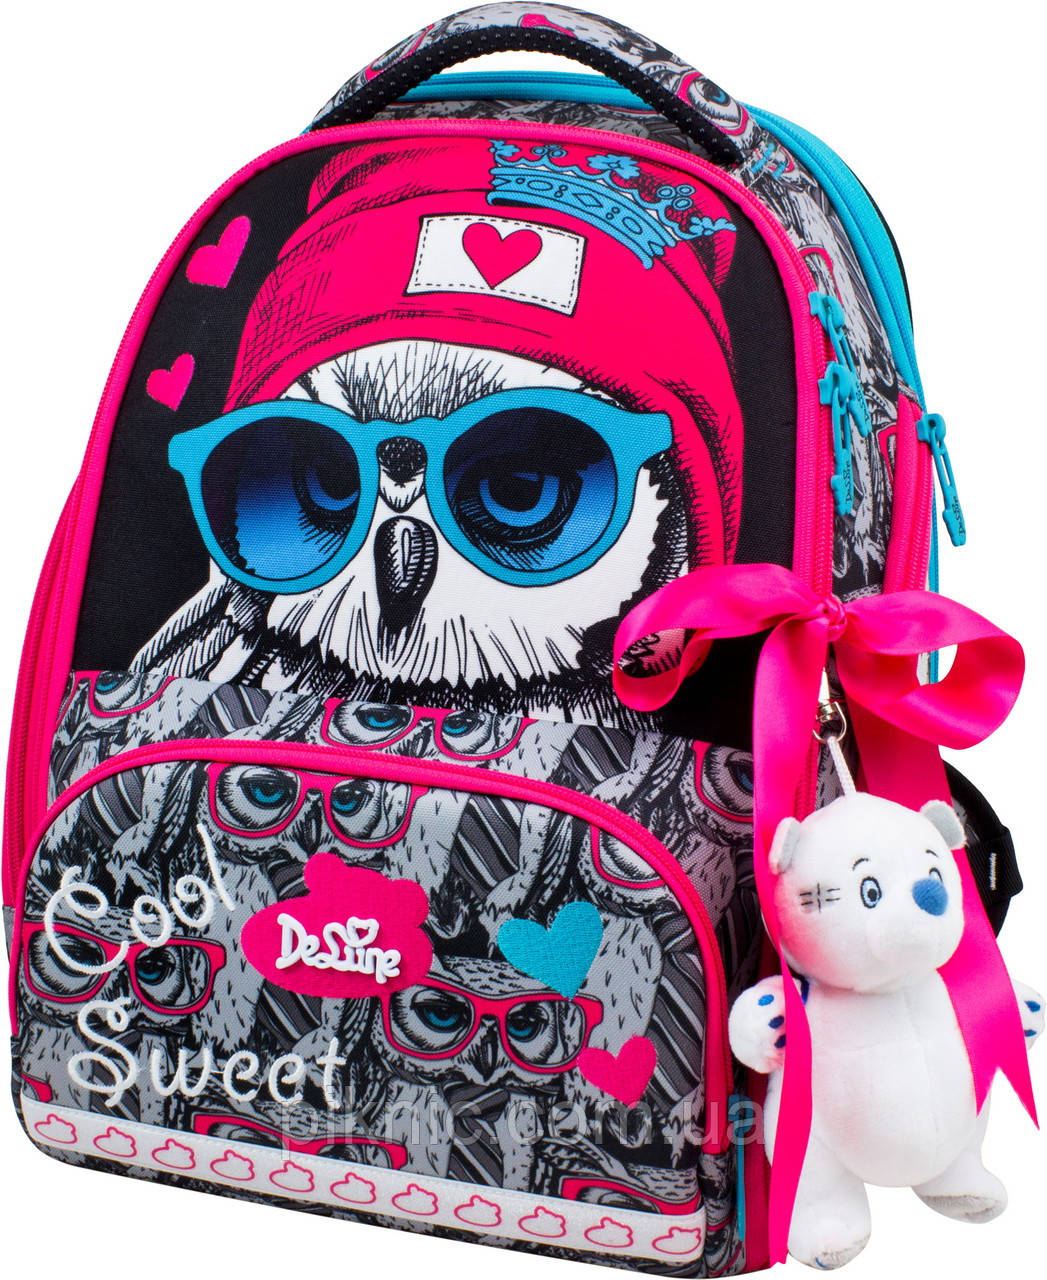 Шкільний ранець для дівчаток DeLune 10-003 Рюкзак ранець портфель каркасний ортопедичний